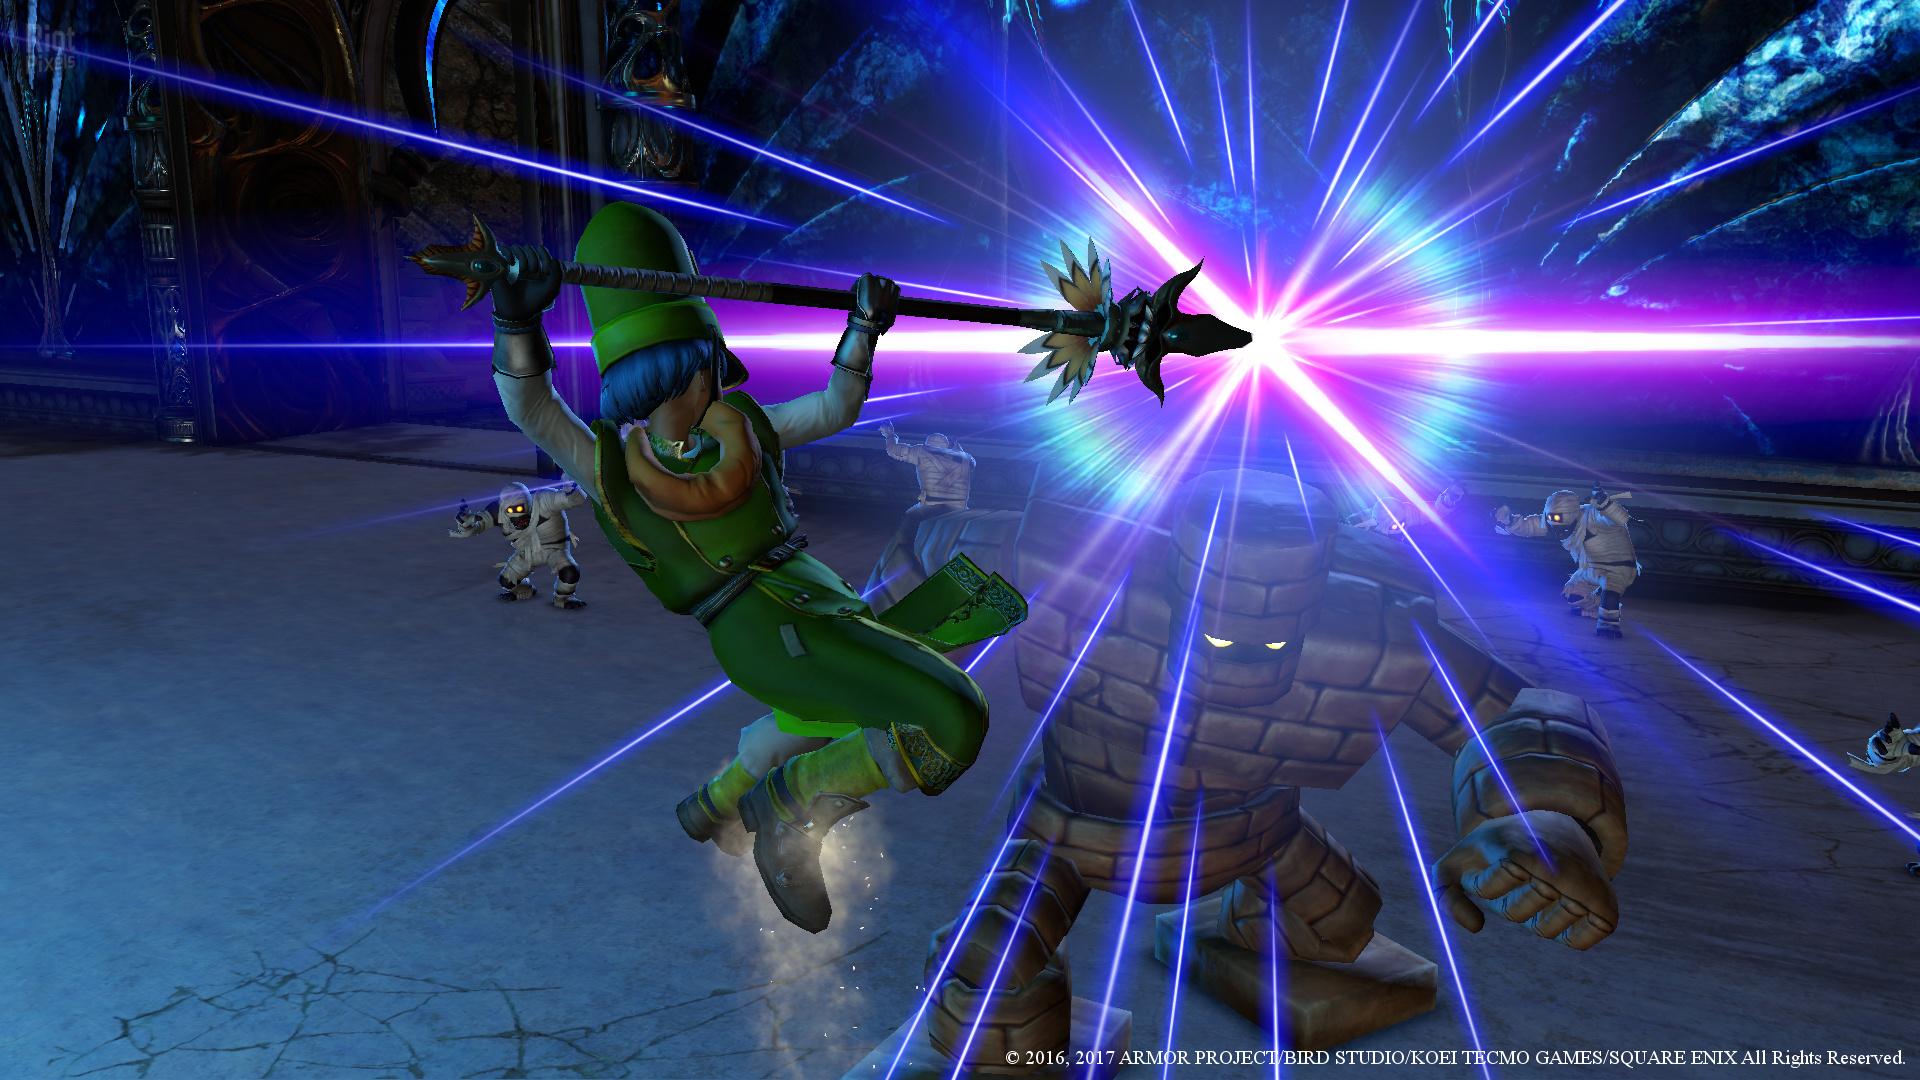 Dragon Quest Heroes 2 - game screenshots at Riot Pixels, images